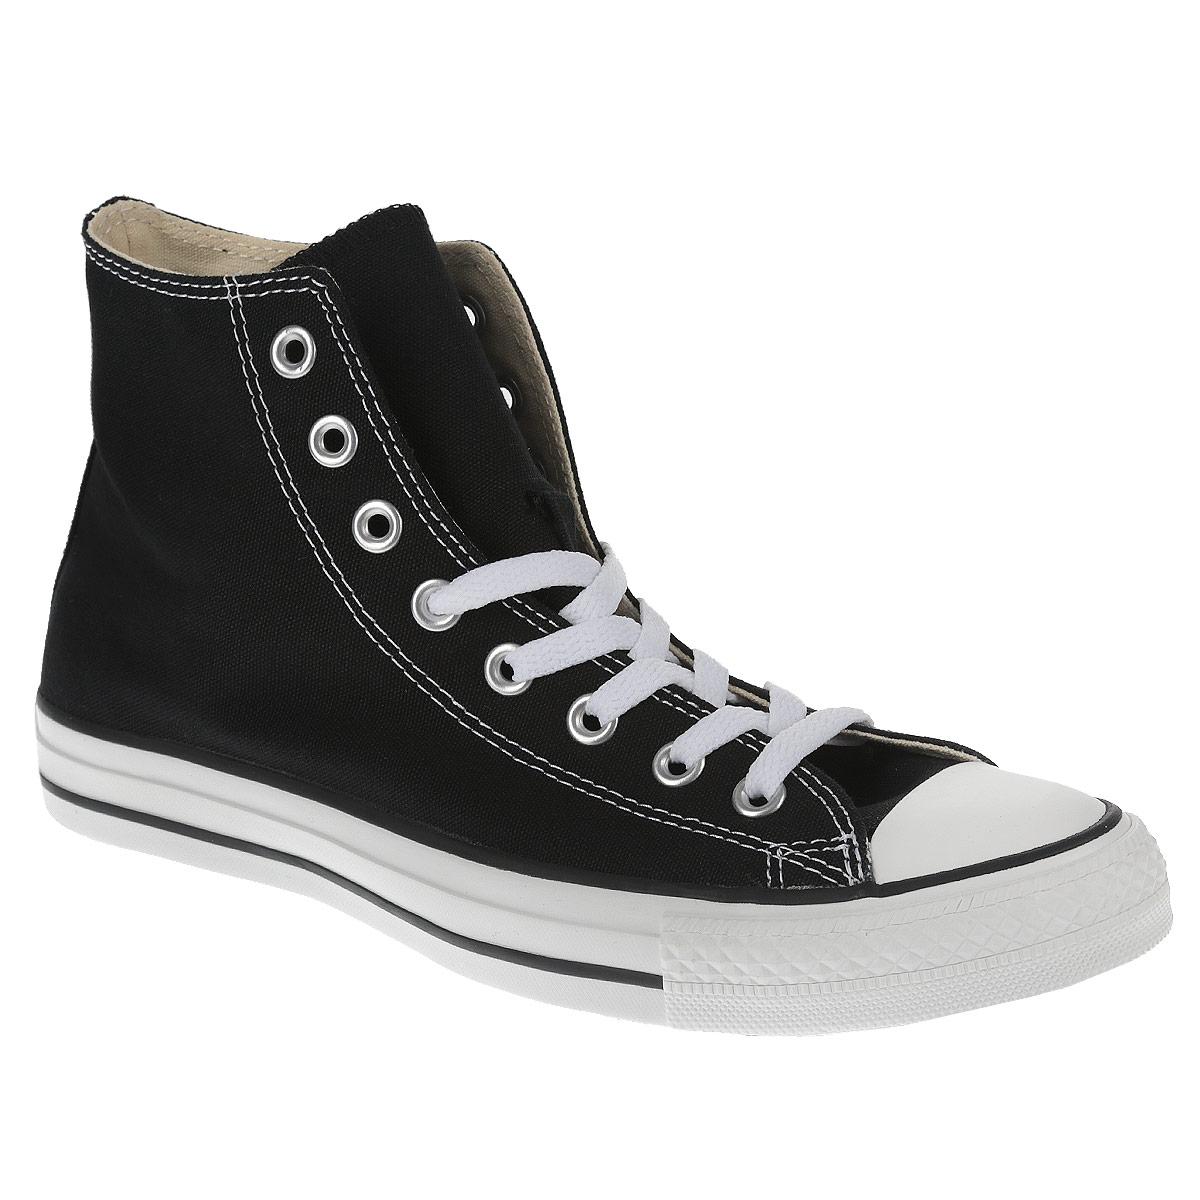 Кеды Converse Chuck Taylor All Star Core Hi, цвет: черный. M9160. Размер 13 (48)M9160Высокие кеды Chuck Taylor All Star Core Hi от Converse займут достойное место среди вашей обуви.Модель выполнена из плотного текстиля и оформлена на одной из боковых сторон металлическими люверсами и фирменной термоаппликацией, на подошве - прорезиненной накладкой и контрастными полосками. Мыс изделия дополнен классической для кед прорезиненной вставкой. Классическая шнуровка обеспечивает надежную фиксацию обуви на ноге. Стелька из материала EVA с текстильной поверхностью комфортна при движении. Гибкая резиновая подошва с рифлением гарантирует идеальное сцепление с любыми поверхностями. В таких кедах вашим ногам будет комфортно и уютно.